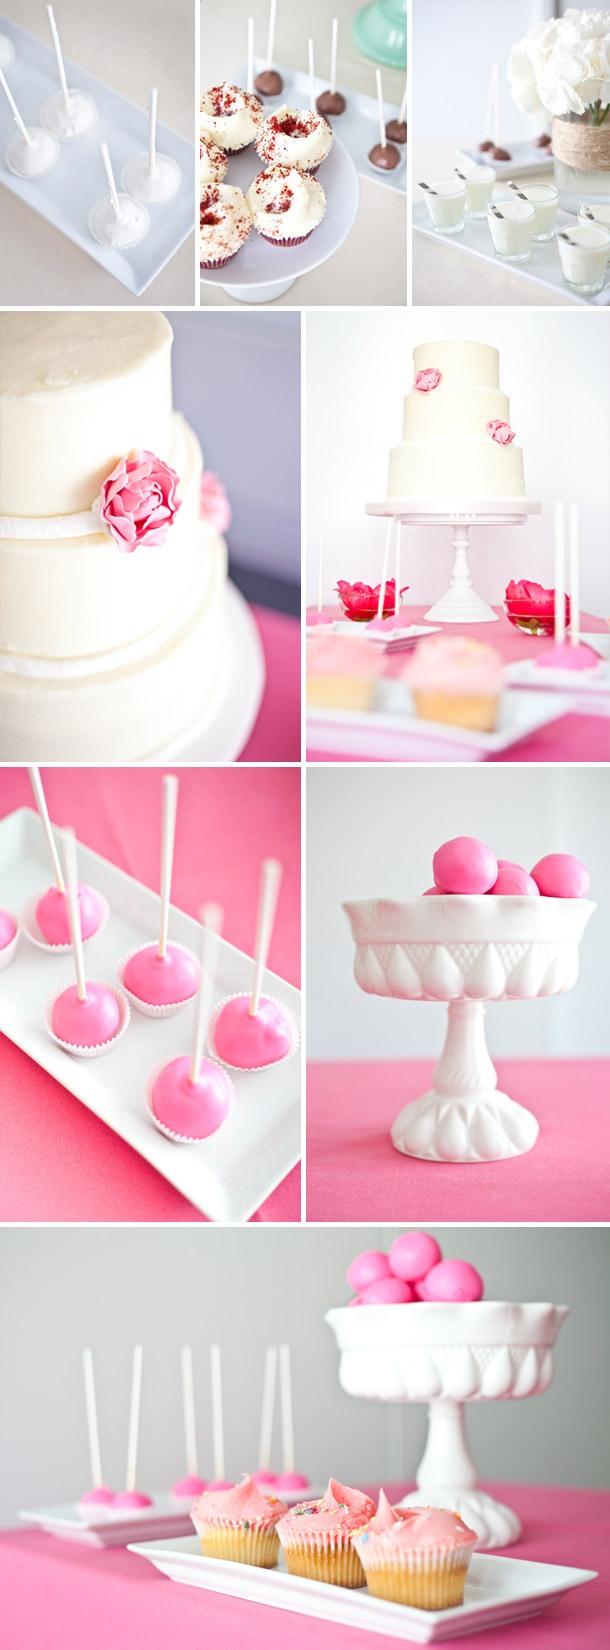 Desserttisch Inspirationen bei Anneli Marinovich Photography